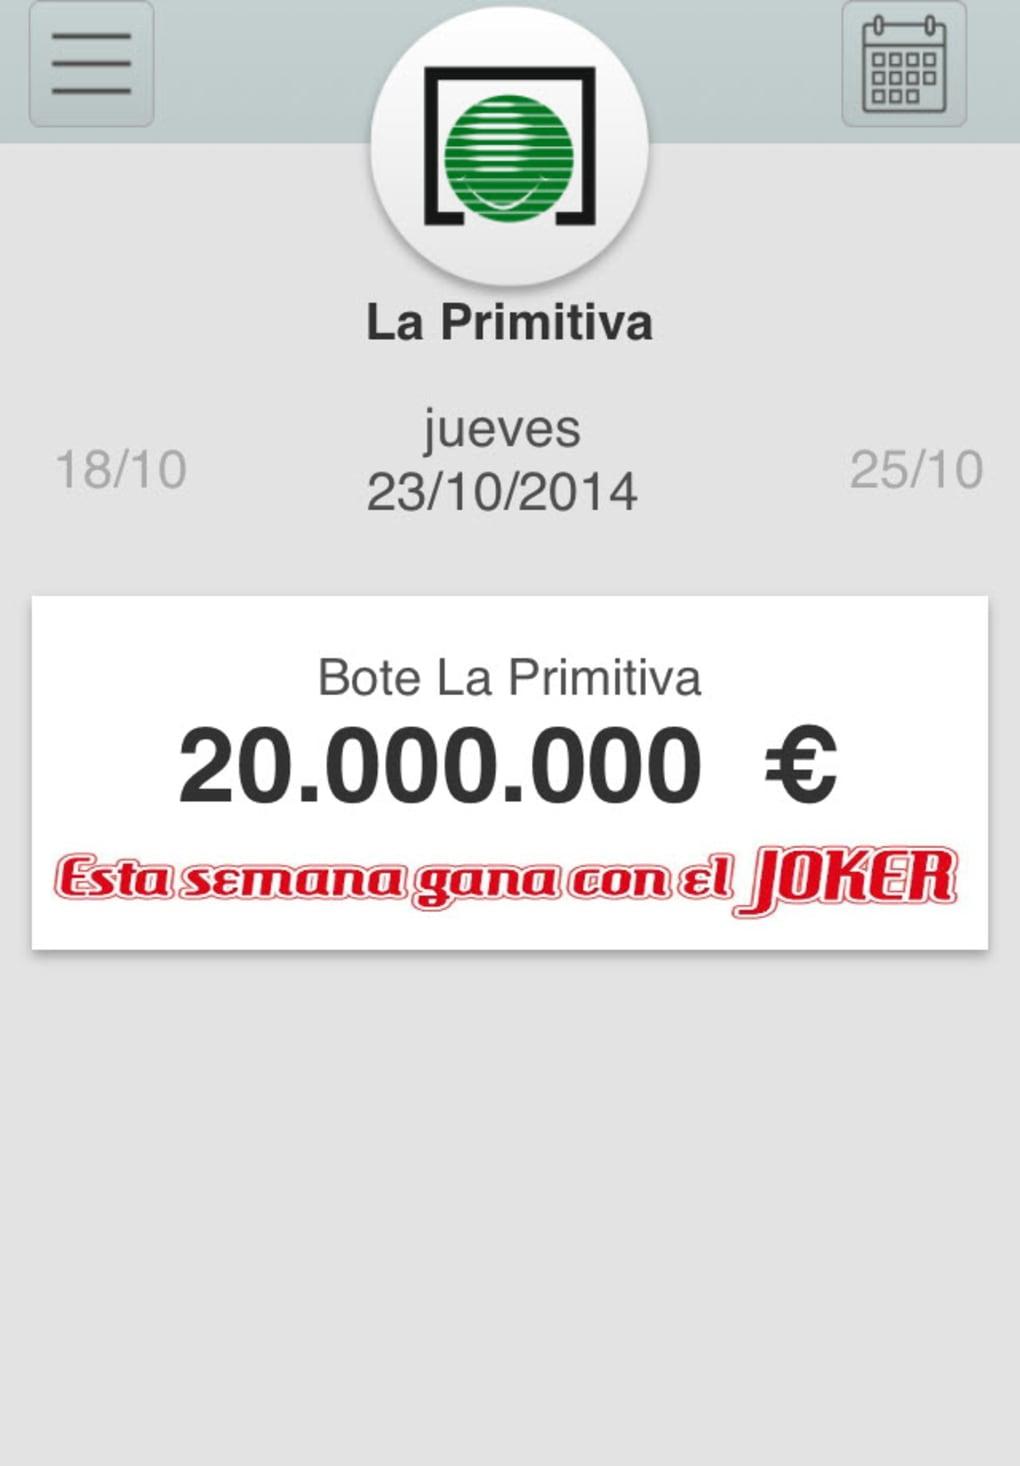 Vive la suerte descargar juego de loteria Madrid-98921